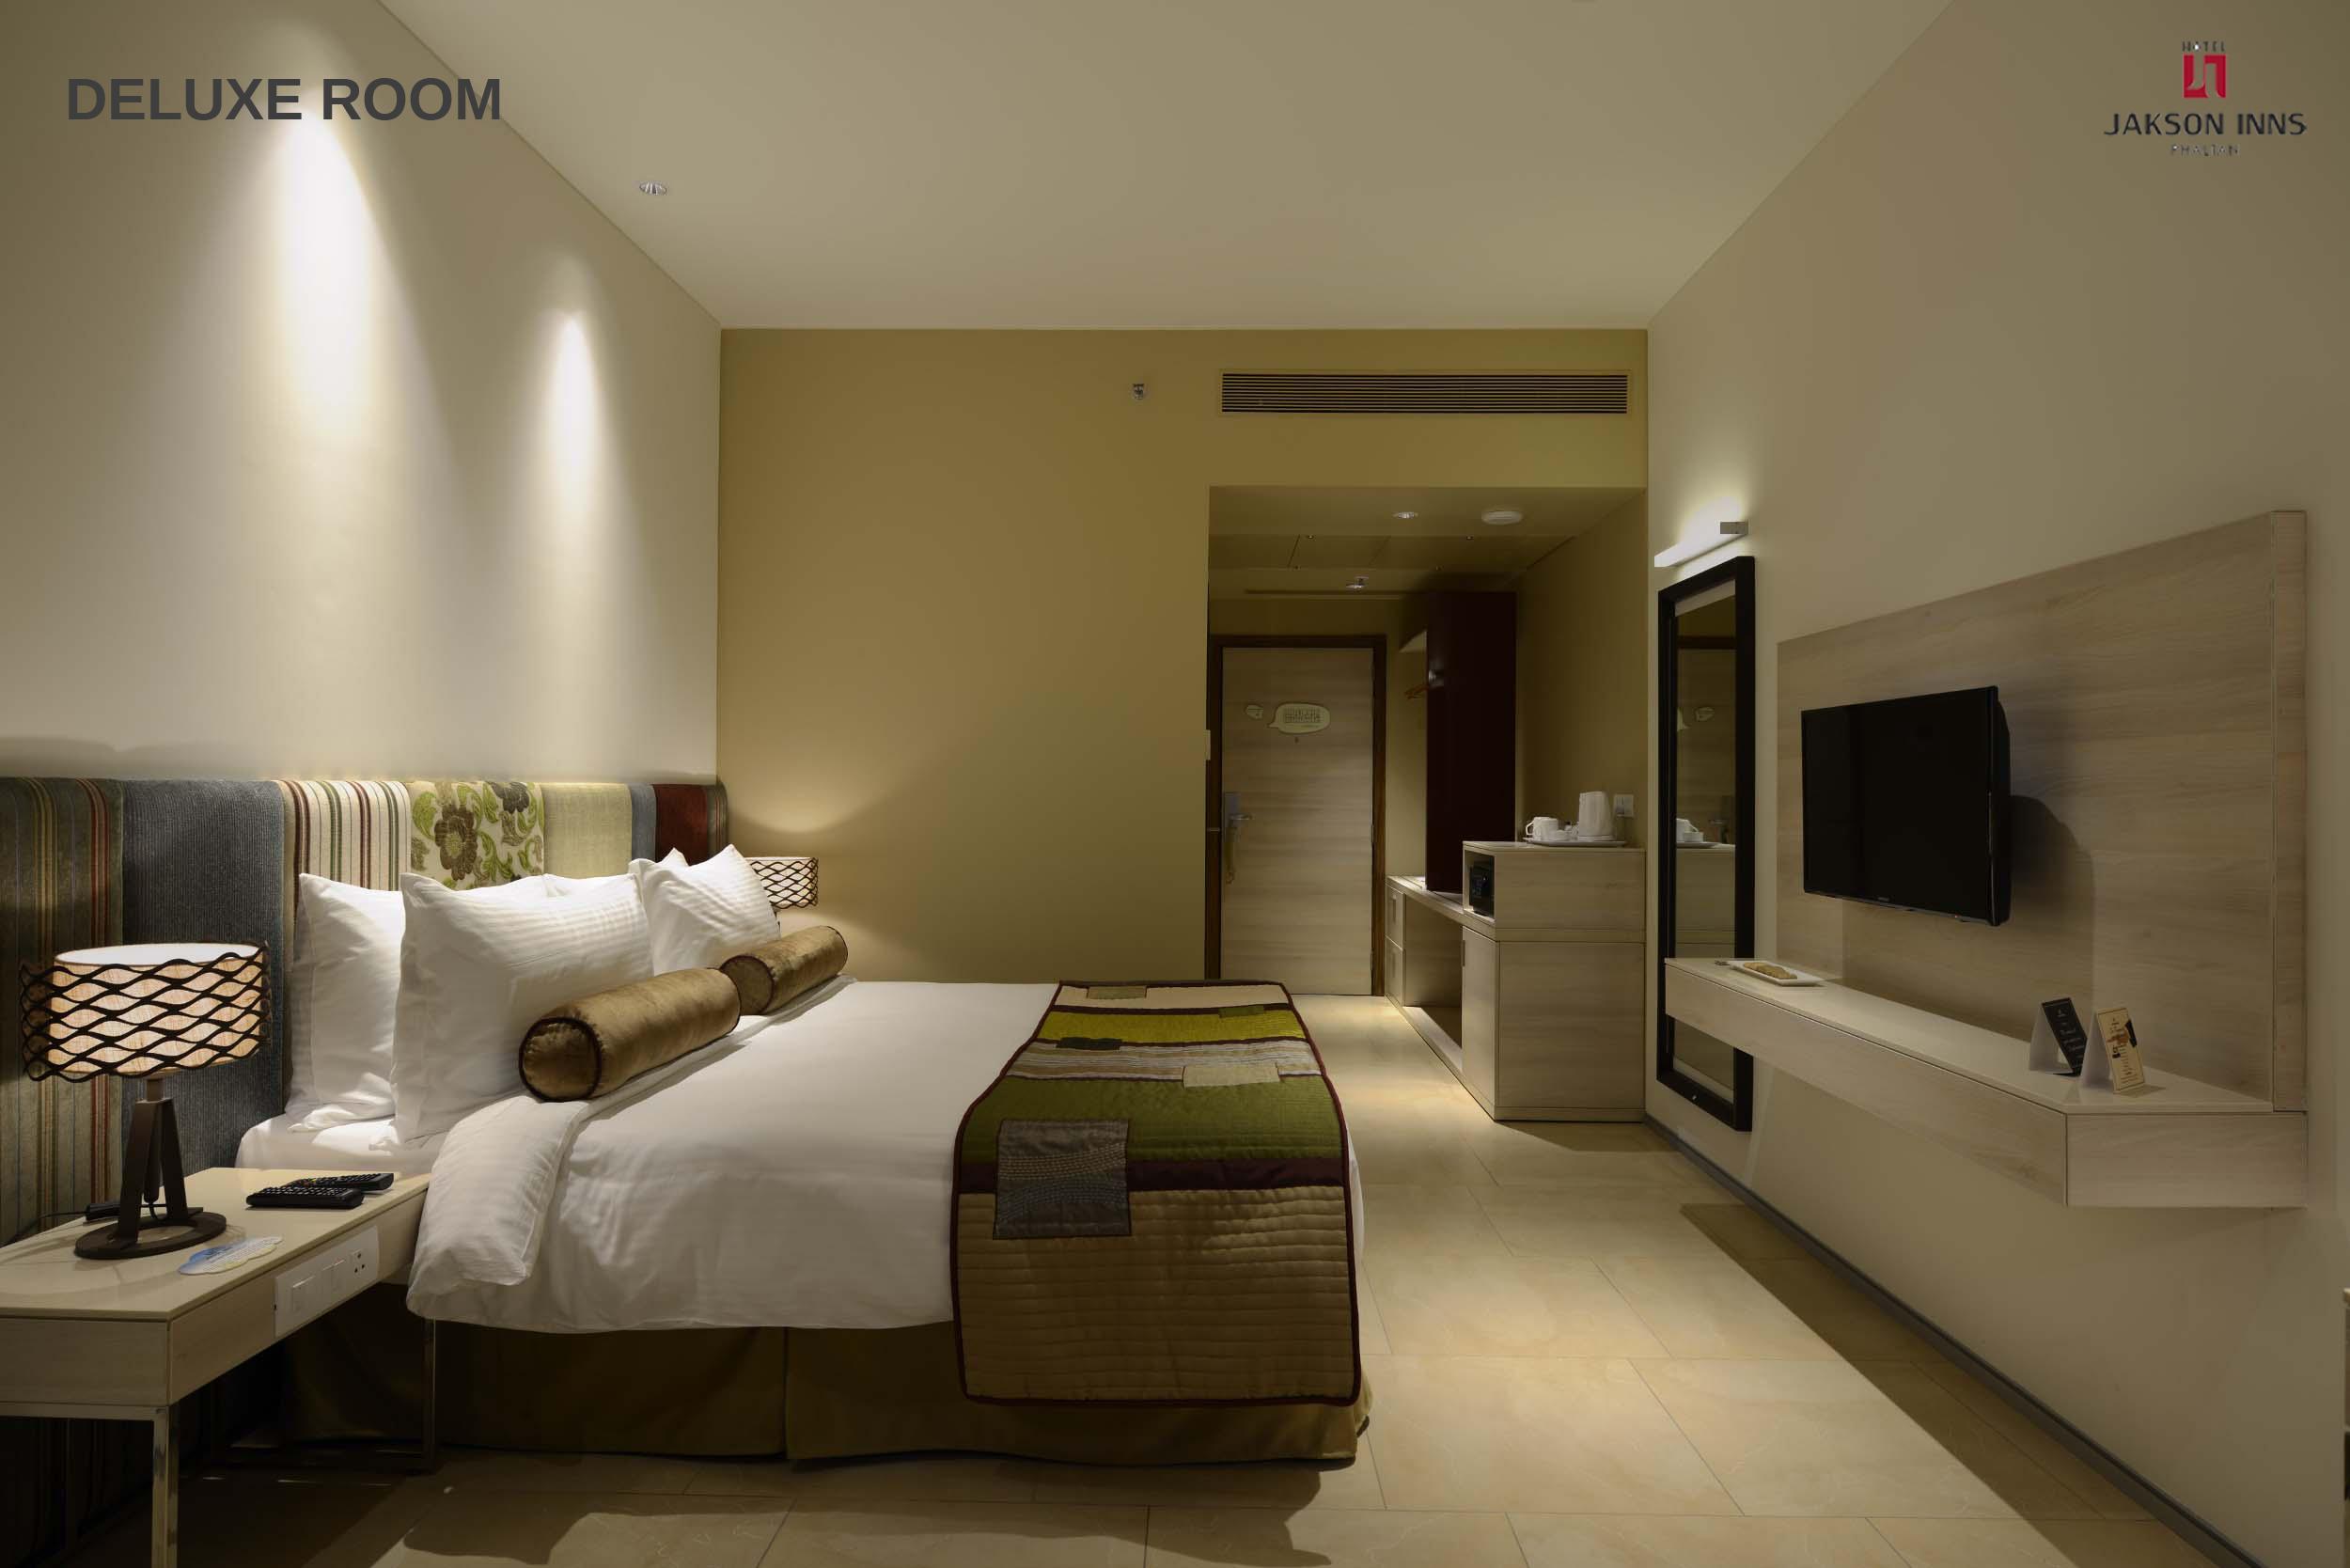 deluxe rooms 3 (2500×1668)